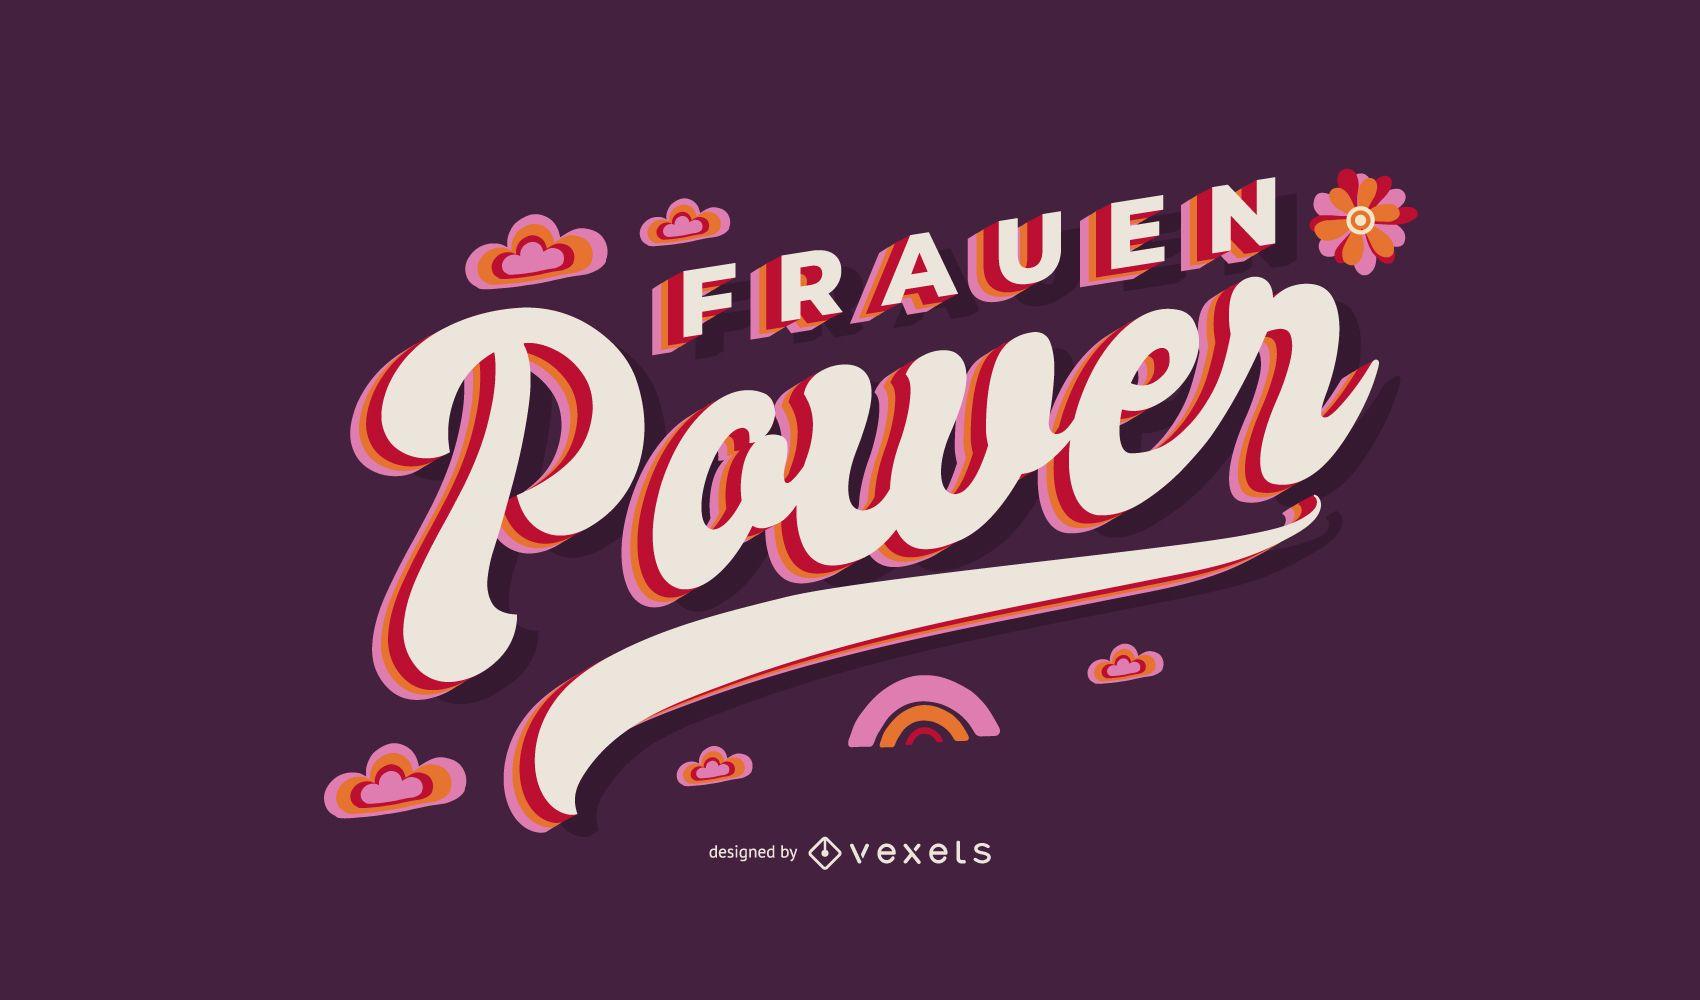 Diseño de letras Frauen Power